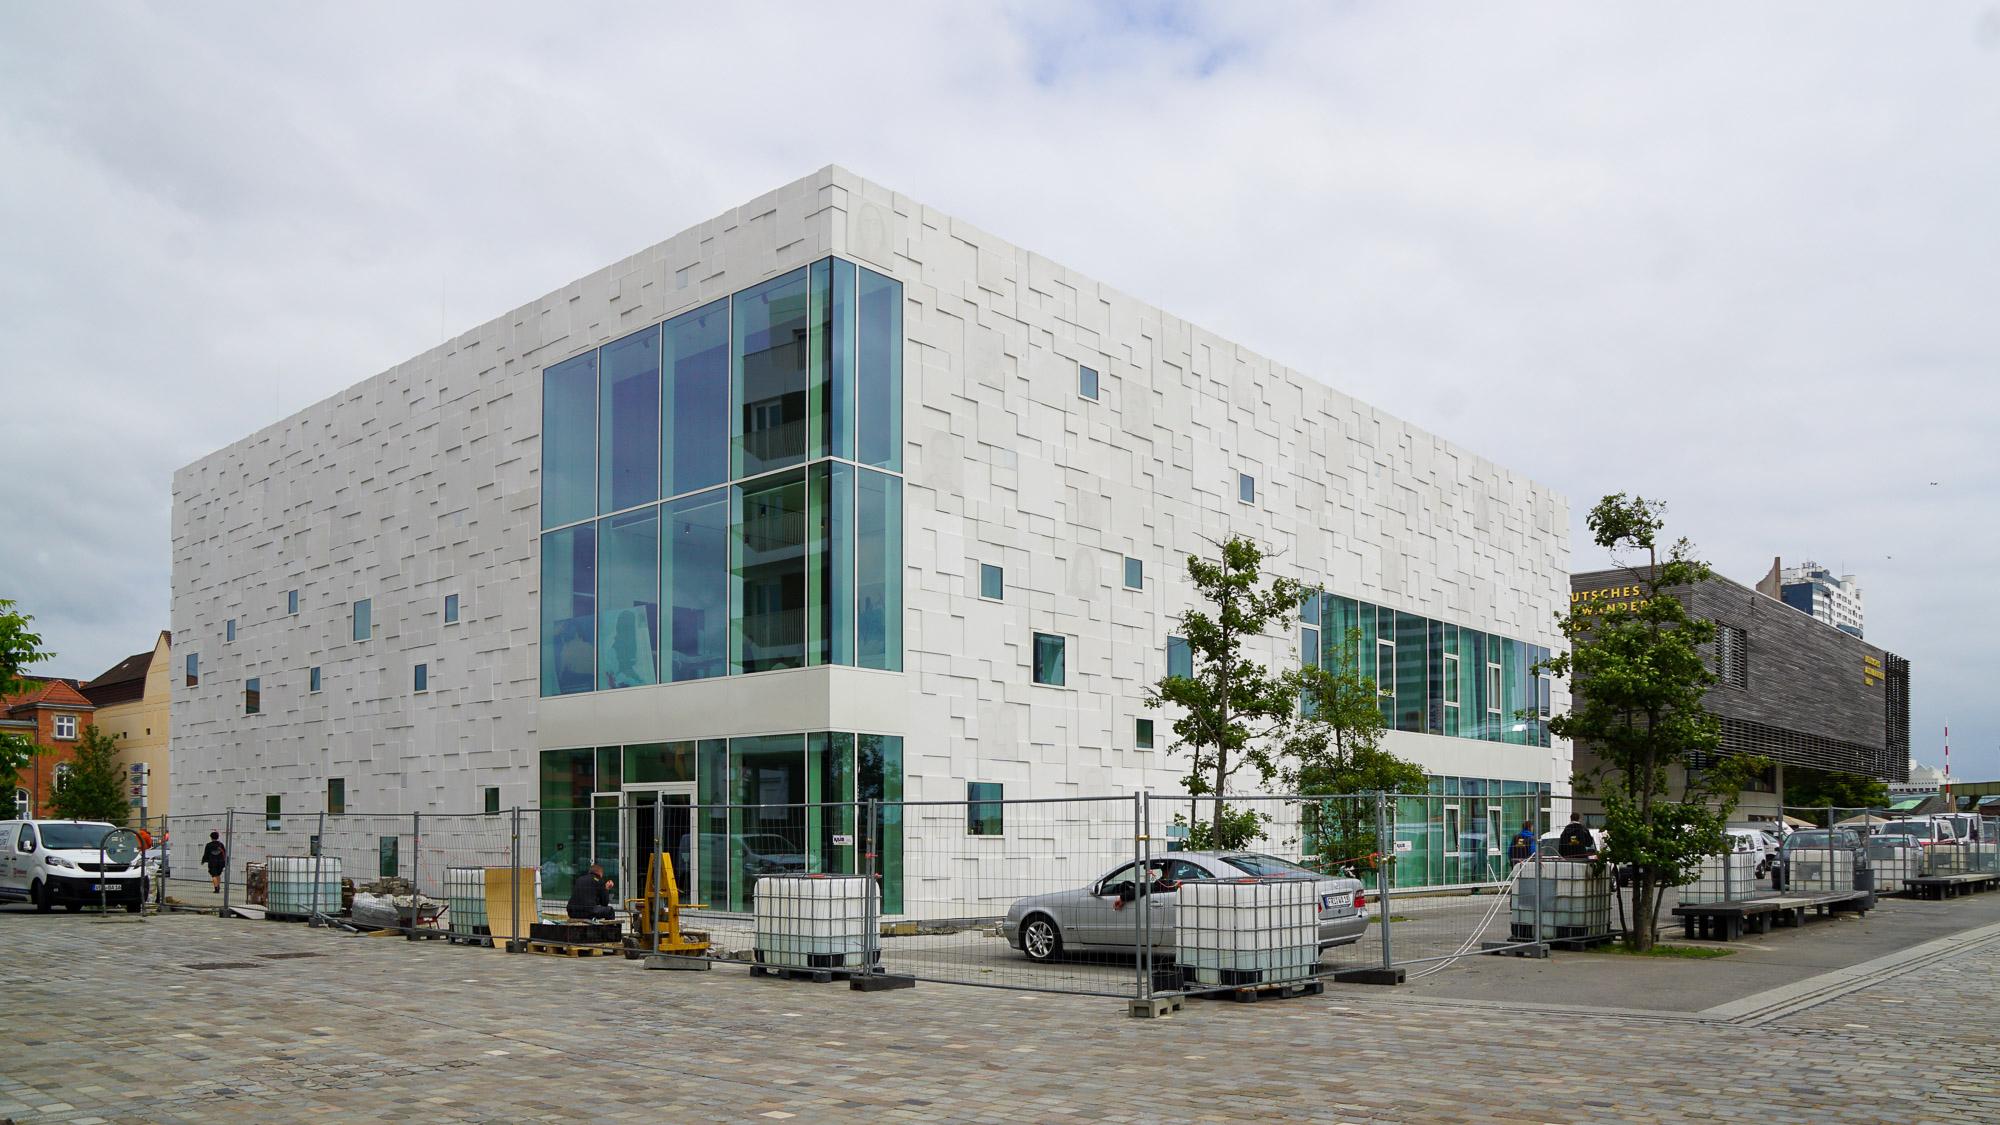 Dreistöckiges kompaktes Gebäude mit heller, aufgelockerter Fassade und grün getönten Fenstern